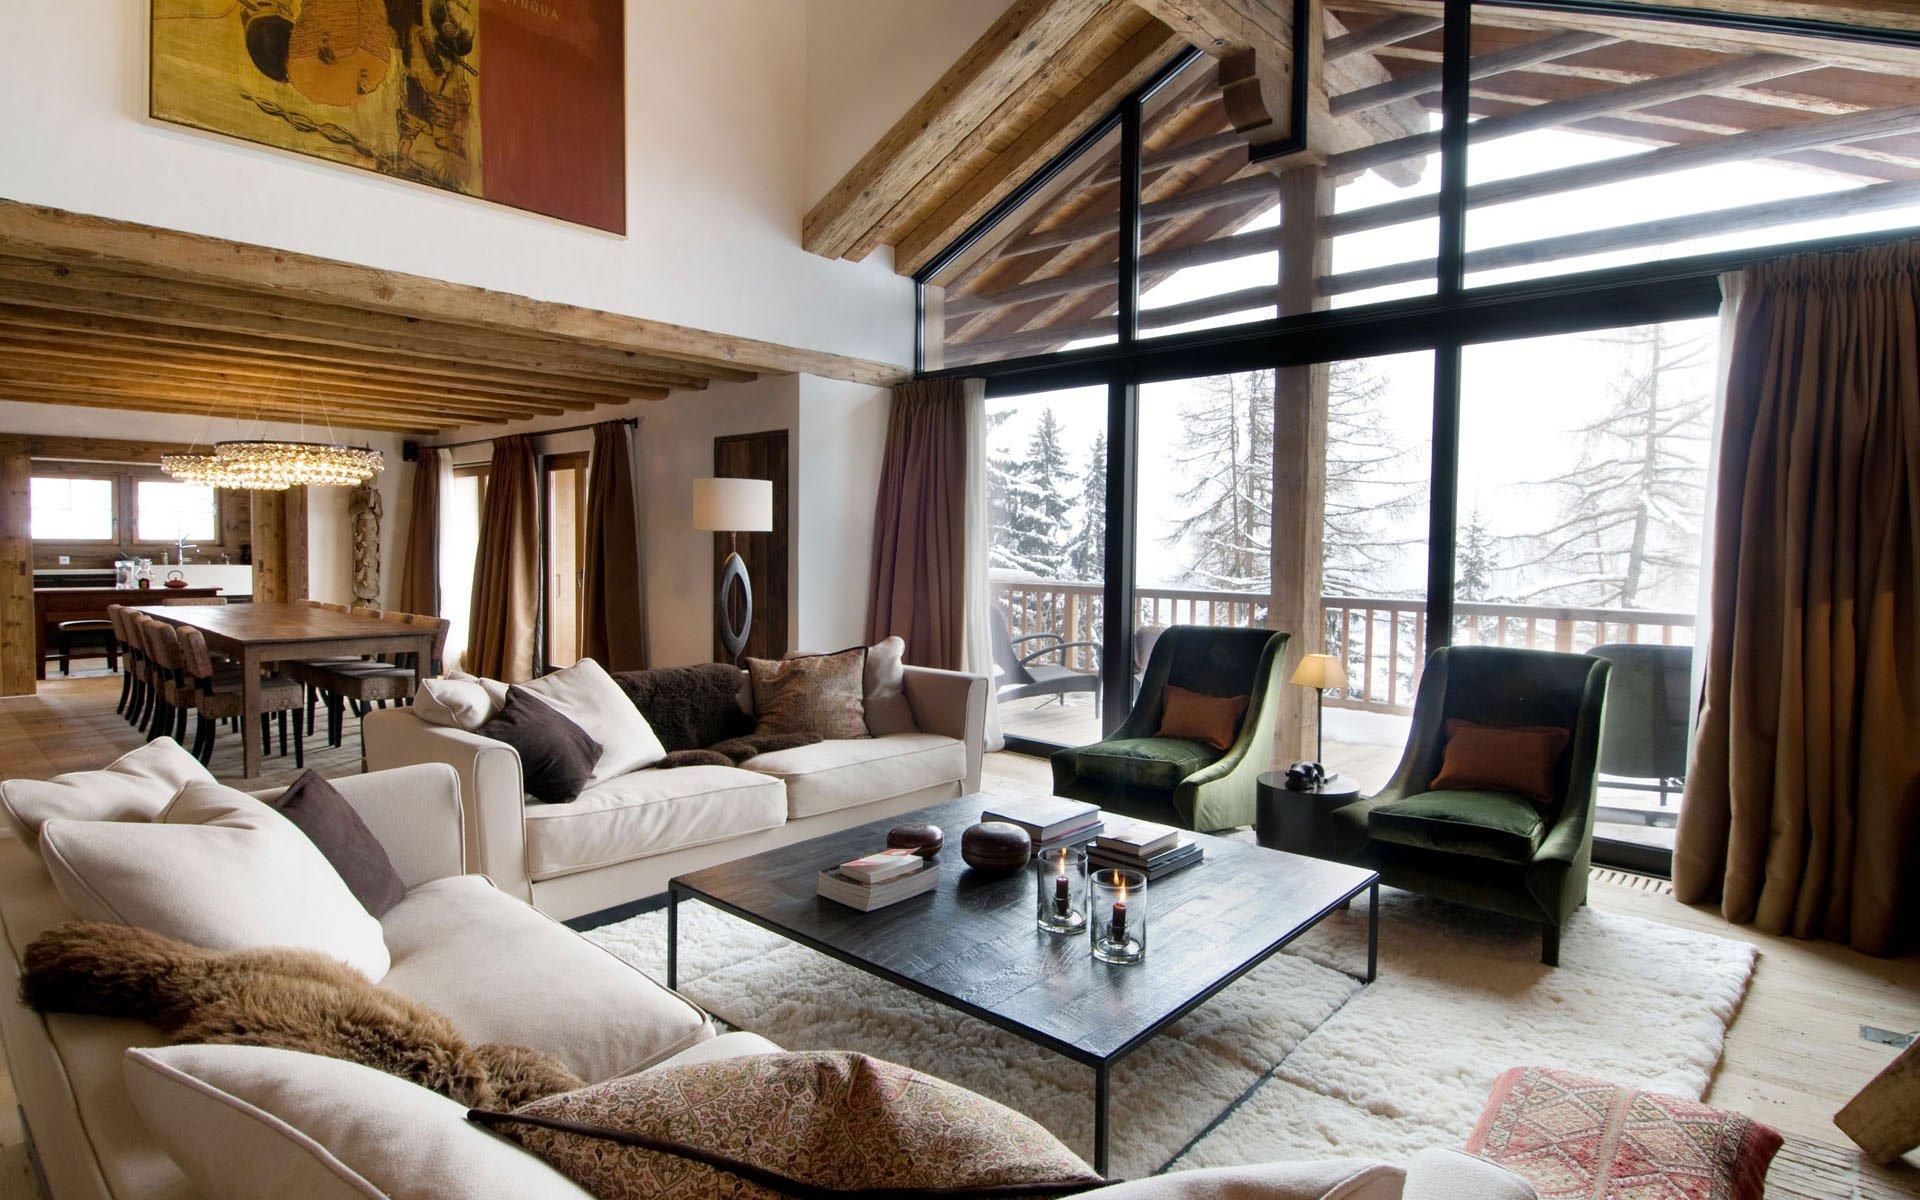 chalet dent blanche caandesign architecture and home design blog chalet dent blanche 04